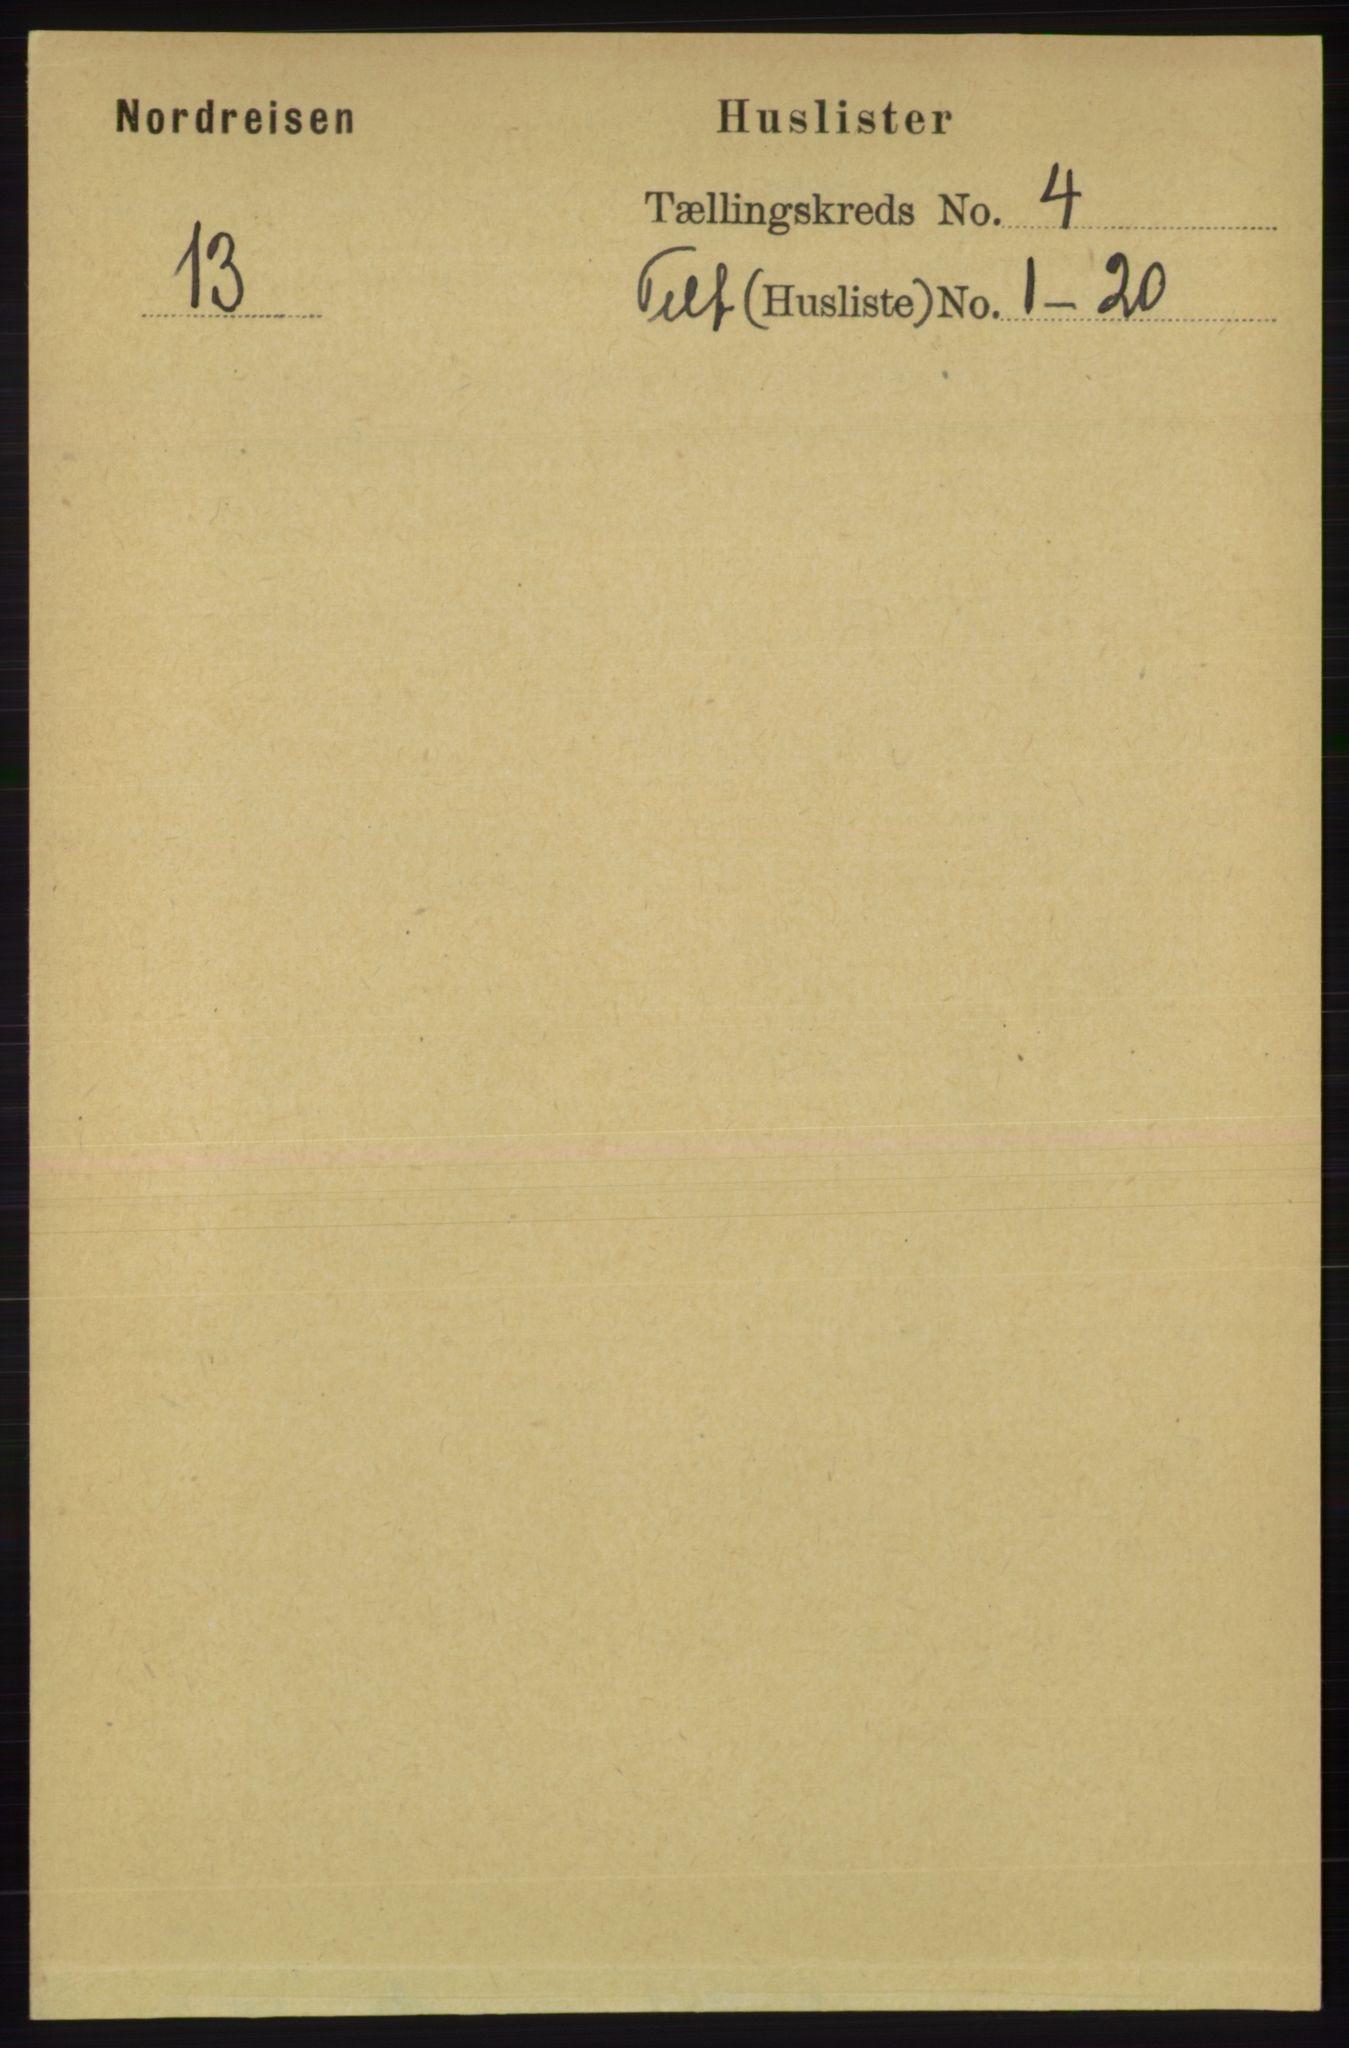 RA, Folketelling 1891 for 1942 Nordreisa herred, 1891, s. 1509